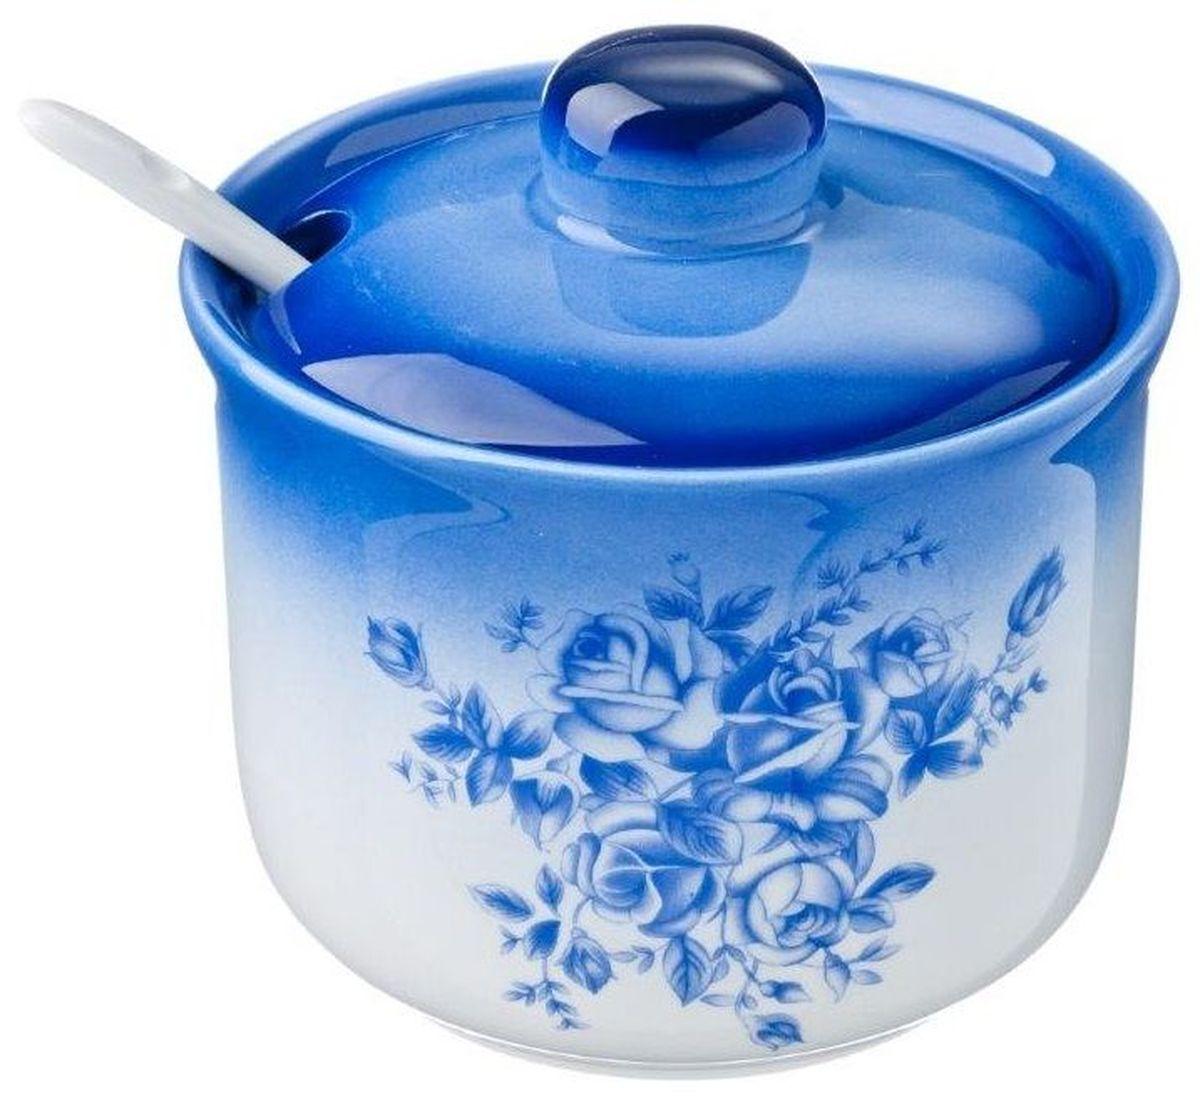 Сахарница Vetta Народные мотивы, 300 мл824724Сахарница Народные мотивы с крышкой и ложкой изготовлена из керамики и украшена синим цветочным рисунком. Емкость универсальна, подойдет как для сахара, так и для специй или меда.